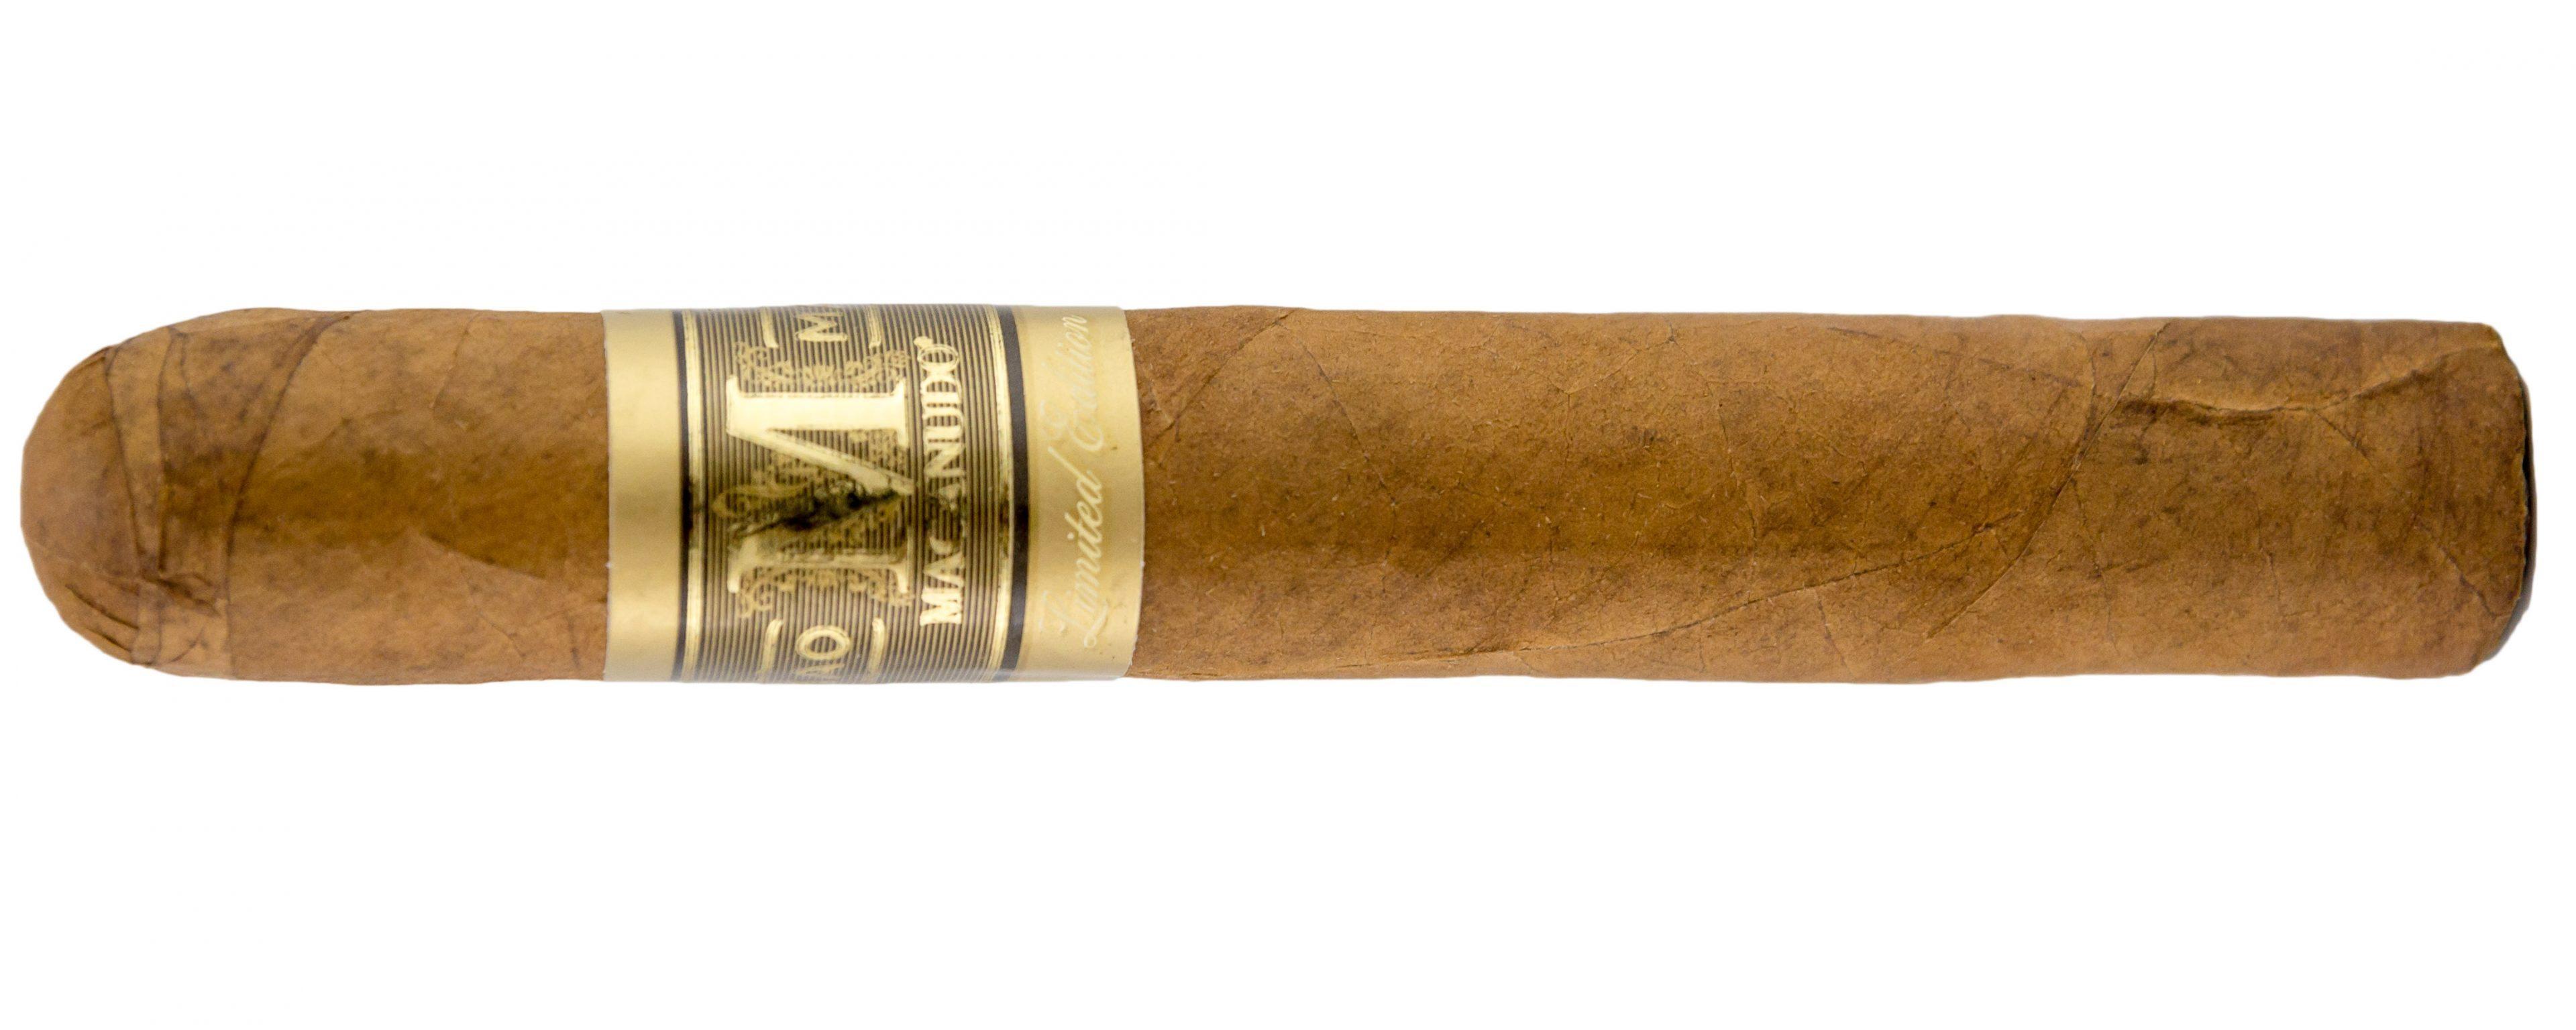 Blind Cigar Review: Macanudo | MAO No. 10